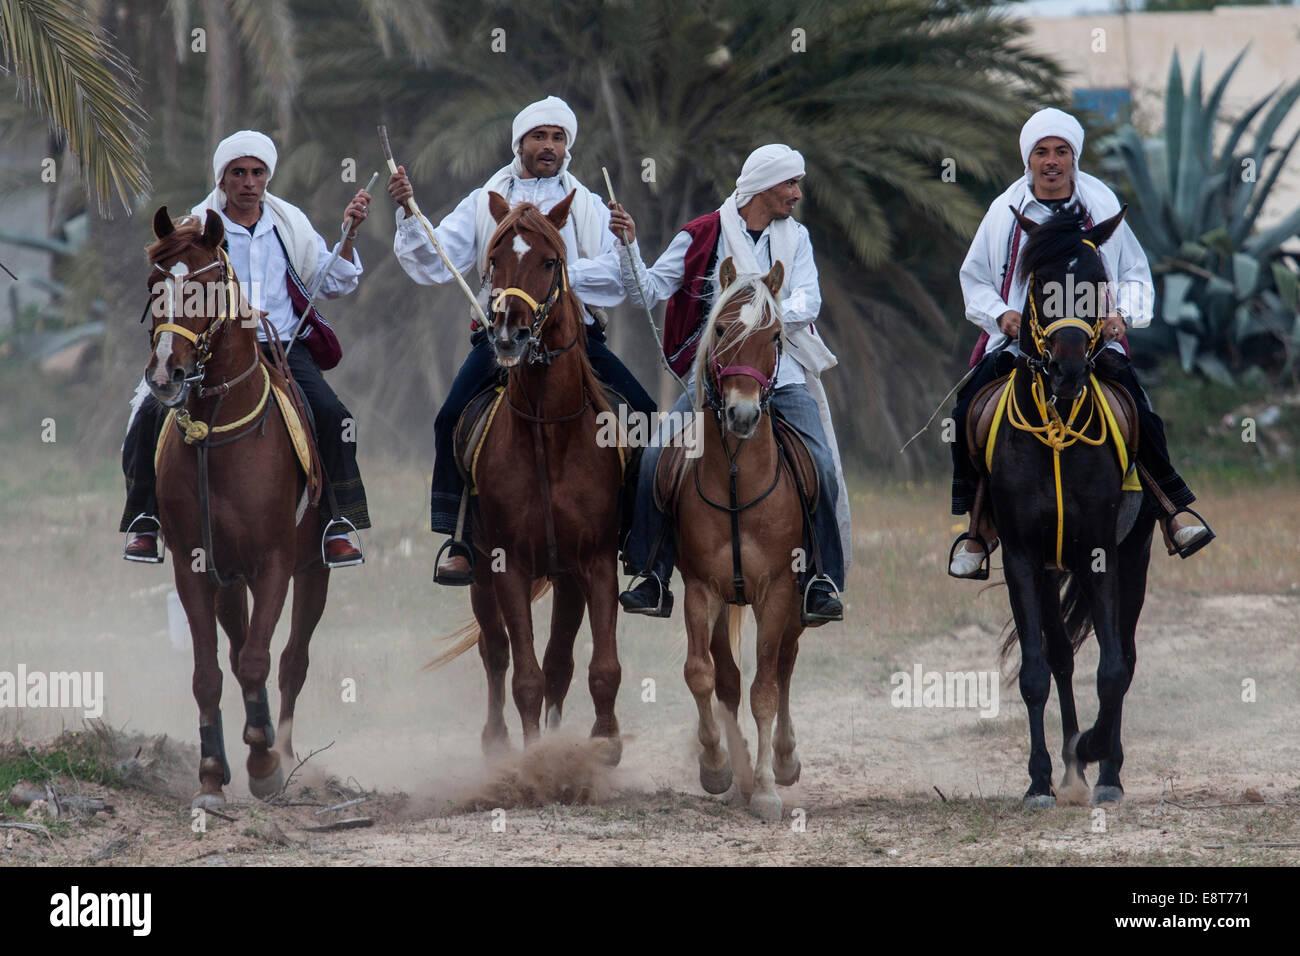 Jeux équestres, Fantasia, Midoun, Djerba, Tunisie Photo Stock